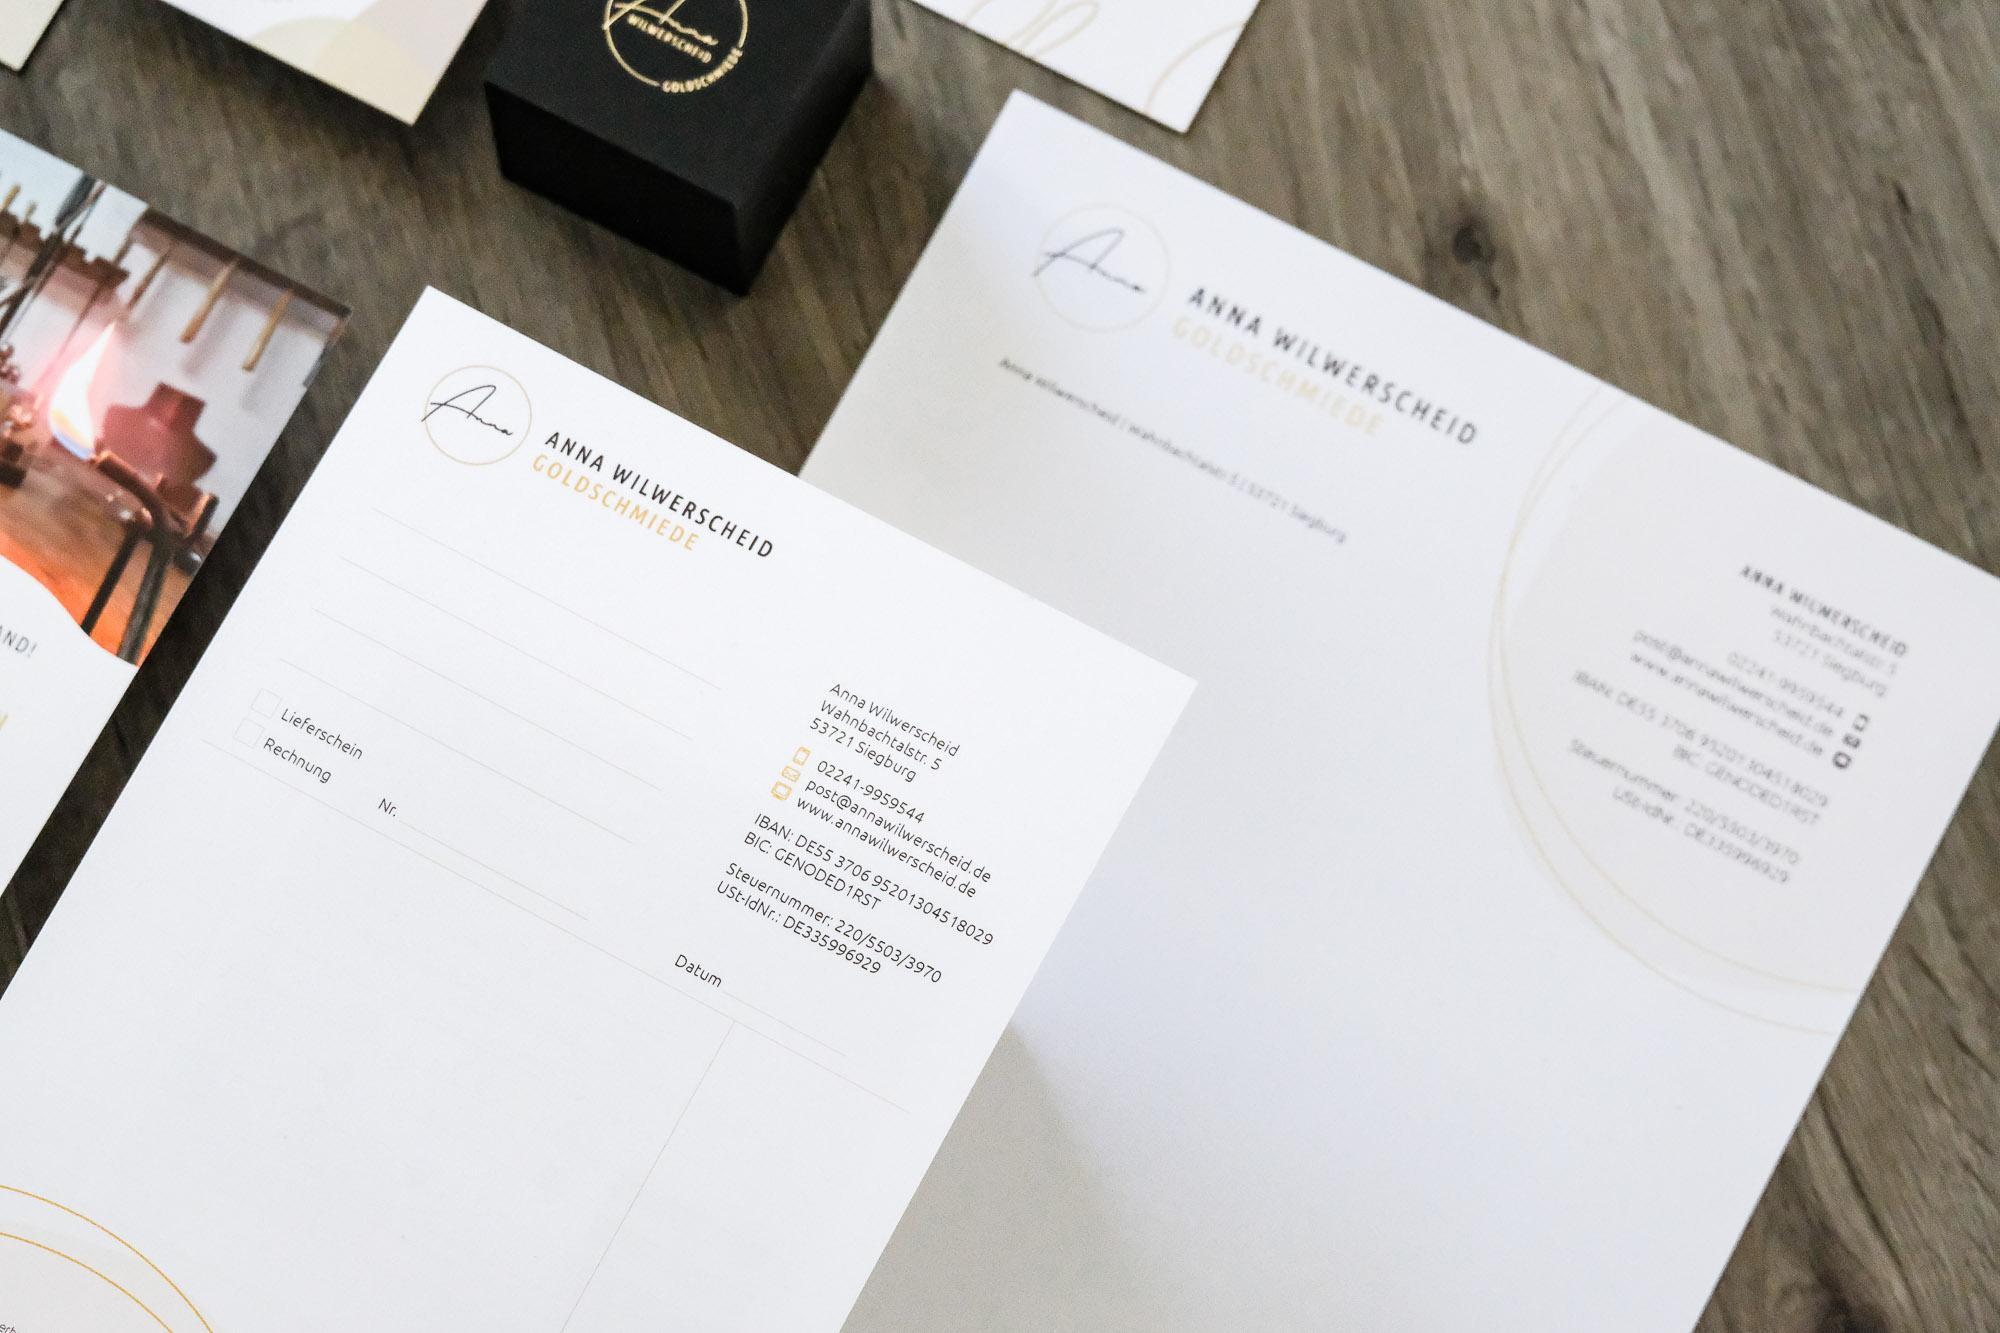 Briefbogen Briefpapier Flyer Rechnungsblock Ringkästchen Golddruck Goldschmiede Anna Wilwerscheid